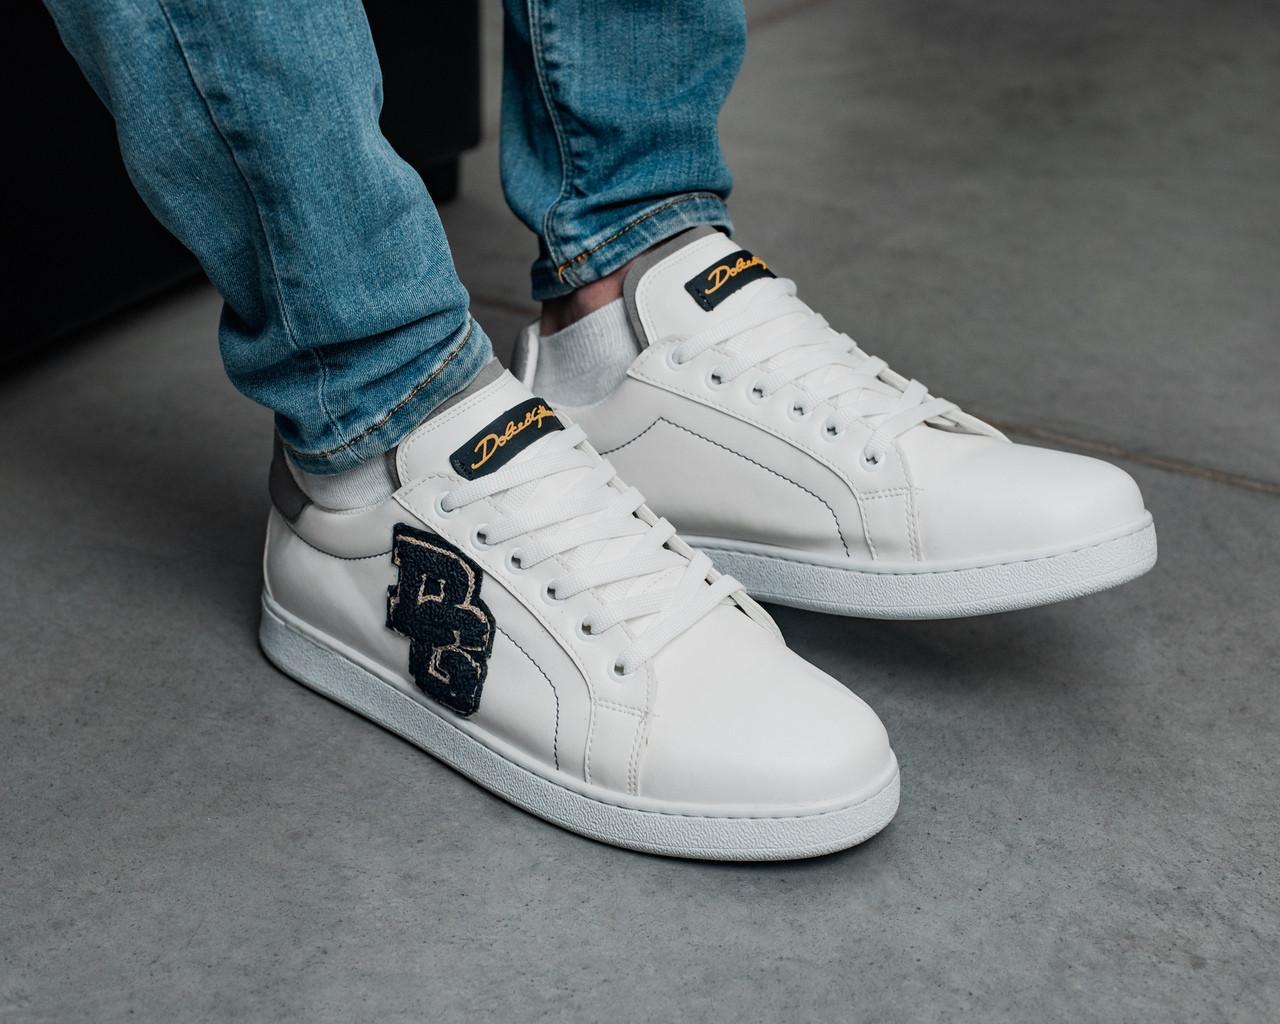 Кроссовки Dolce & Gabbana, кроссовки дольче габбана, кросівки Dolce & Gabbana, кросівки дольче габбана